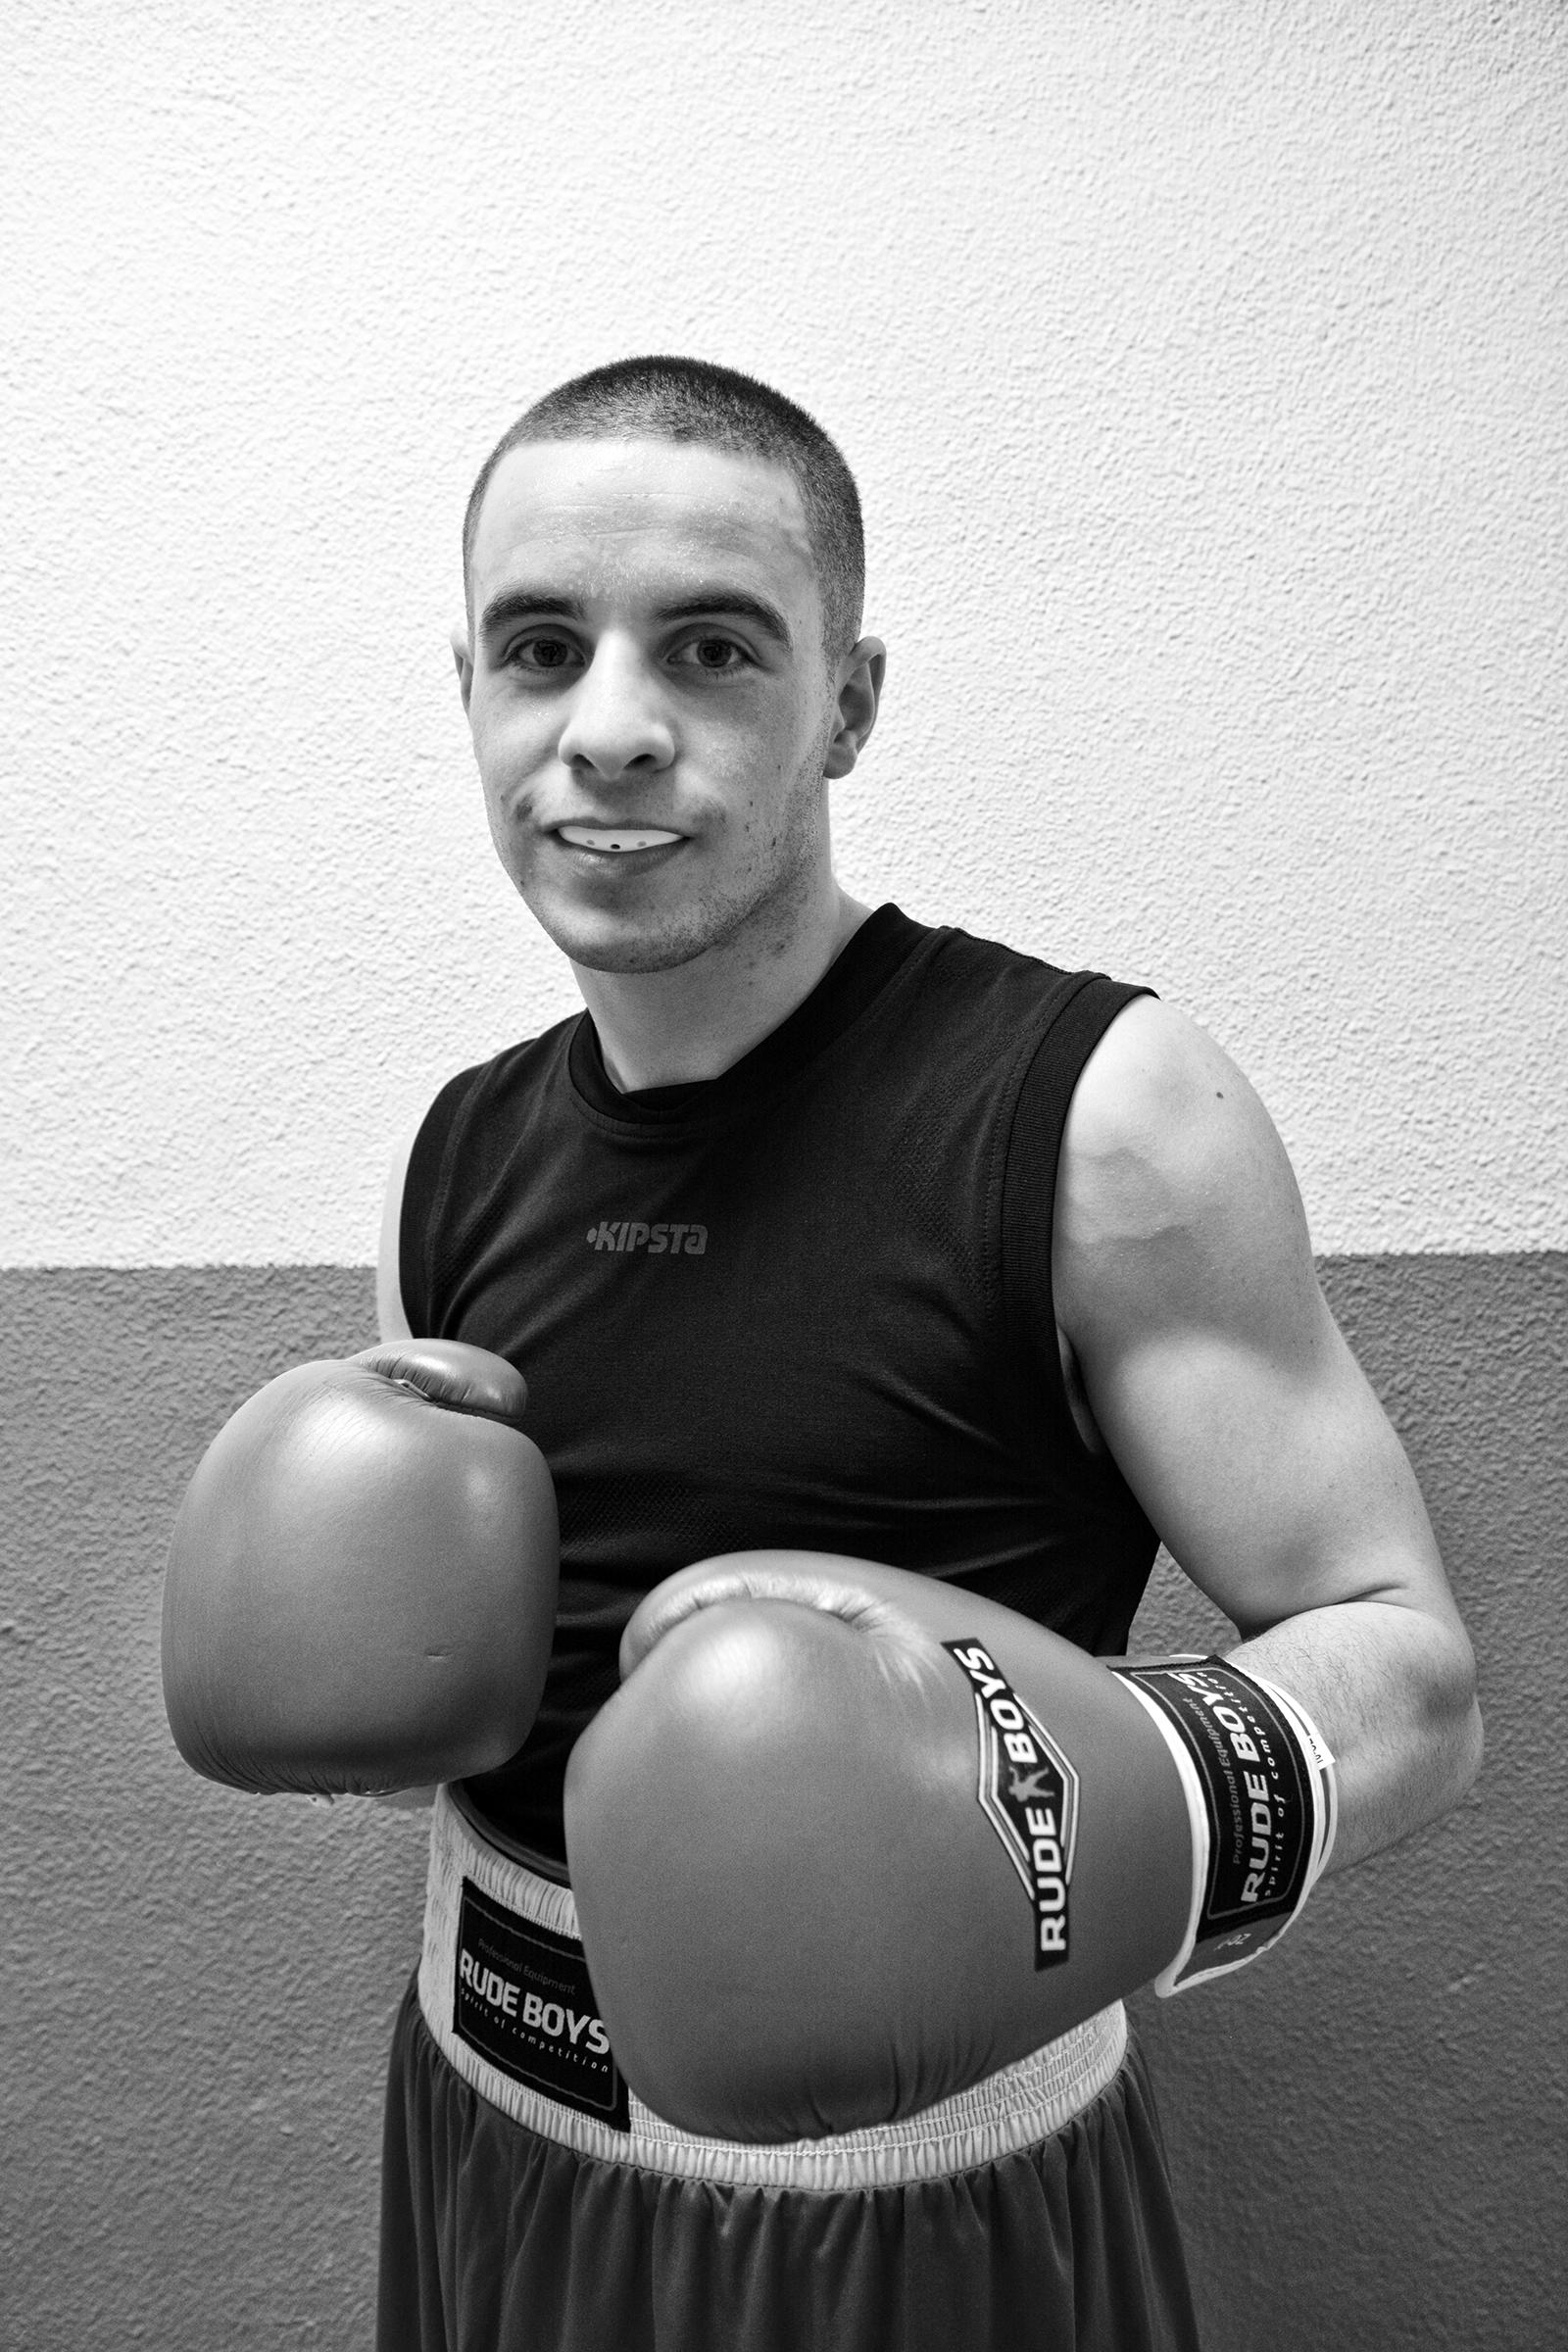 El boxeador Xabier Burgueño, dos veces campeón de Gipuzkoa del peso ligero, coprotagonista de una de las más bonitas peleas de la noche.